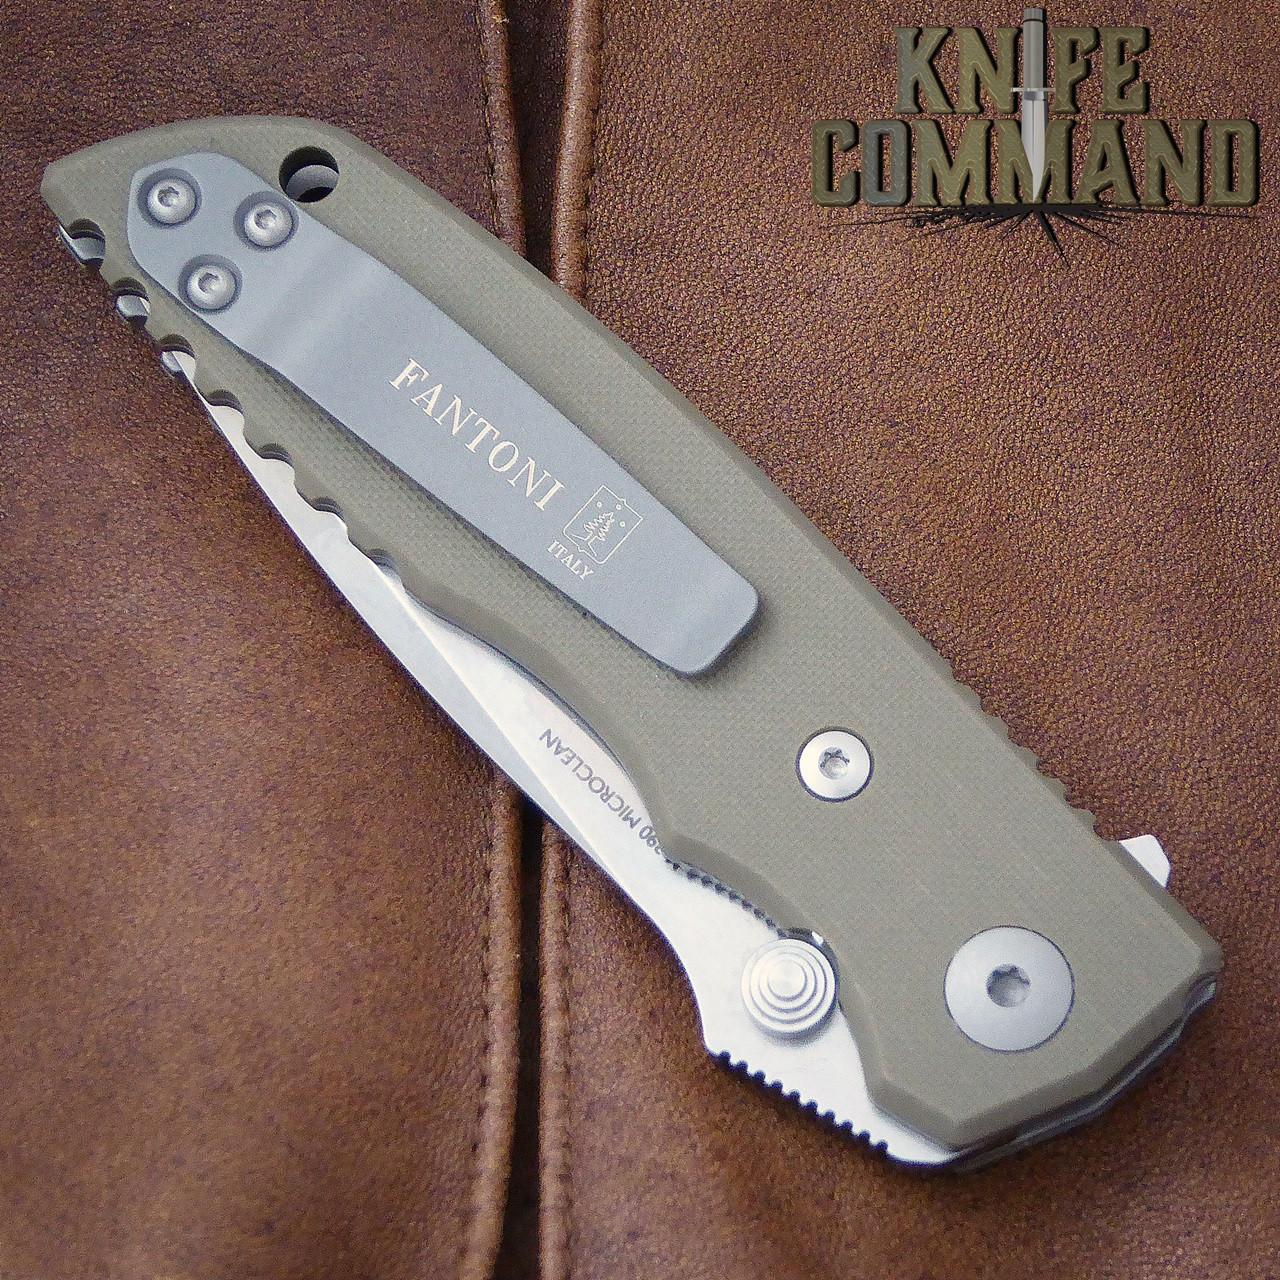 Fantoni HB 03 M390 William Harsey Combat Folder Tactical Knife OD Green.  Reversible pocket clip.